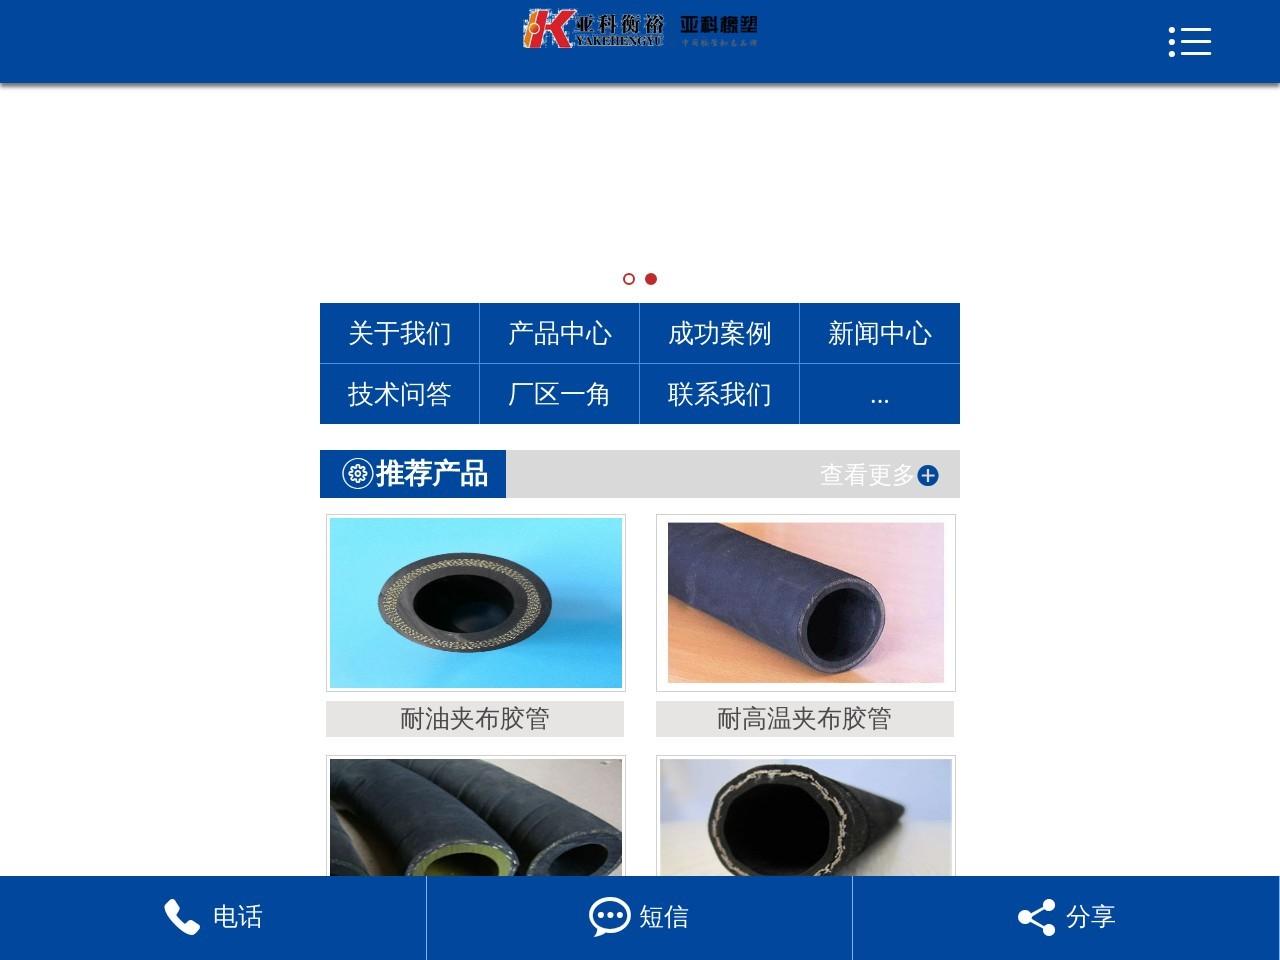 高压油管_液压油管_耐温胶管_夹布胶管_大口径胶管_河北亚科橡塑制品